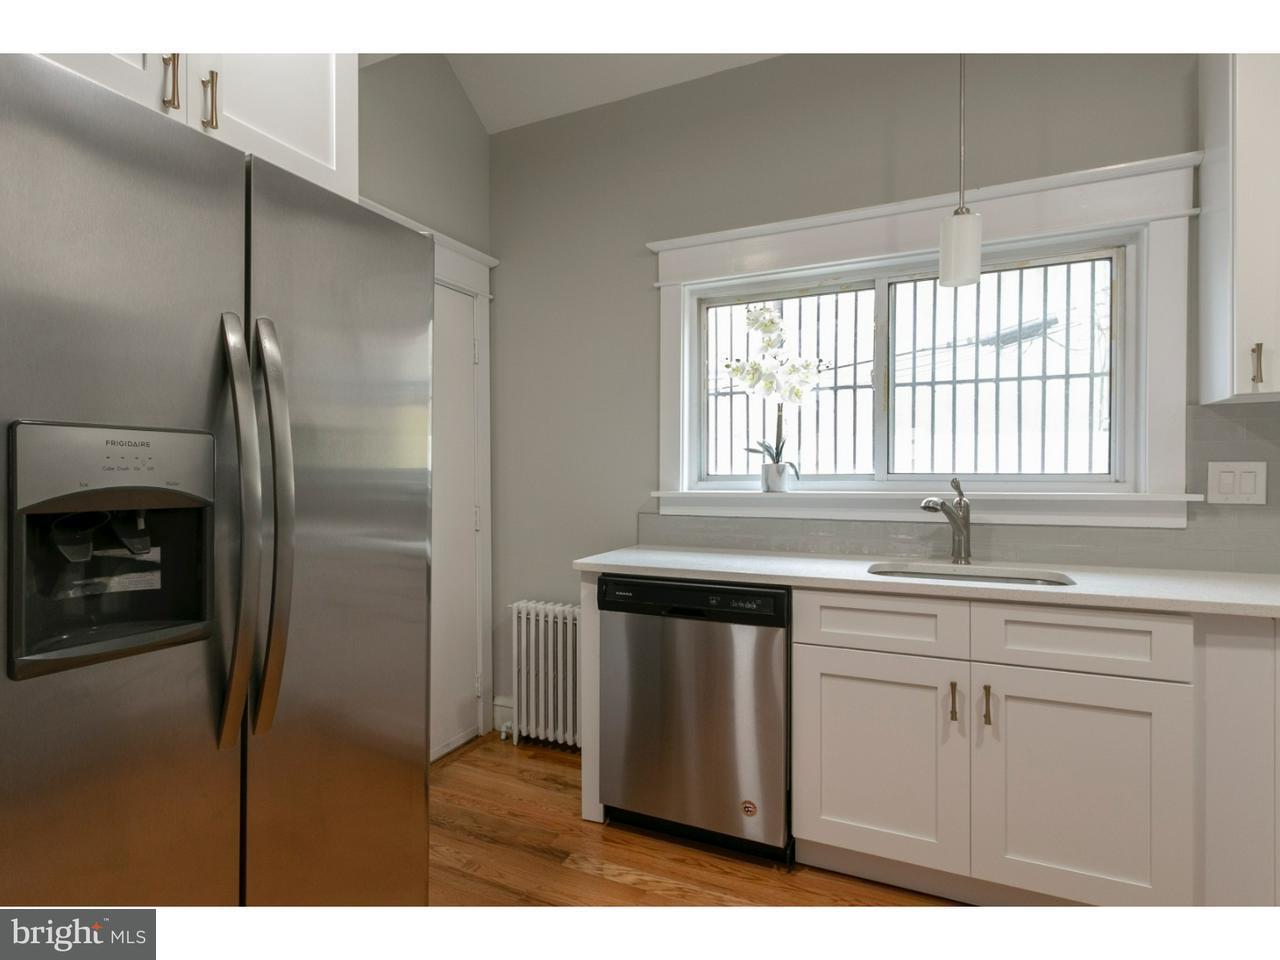 hardwood flooring delaware county pa of philadelphia 3 bedrooms residential 305000 mls 7242356 for 2023 s 5th street philadelphia pa 19148